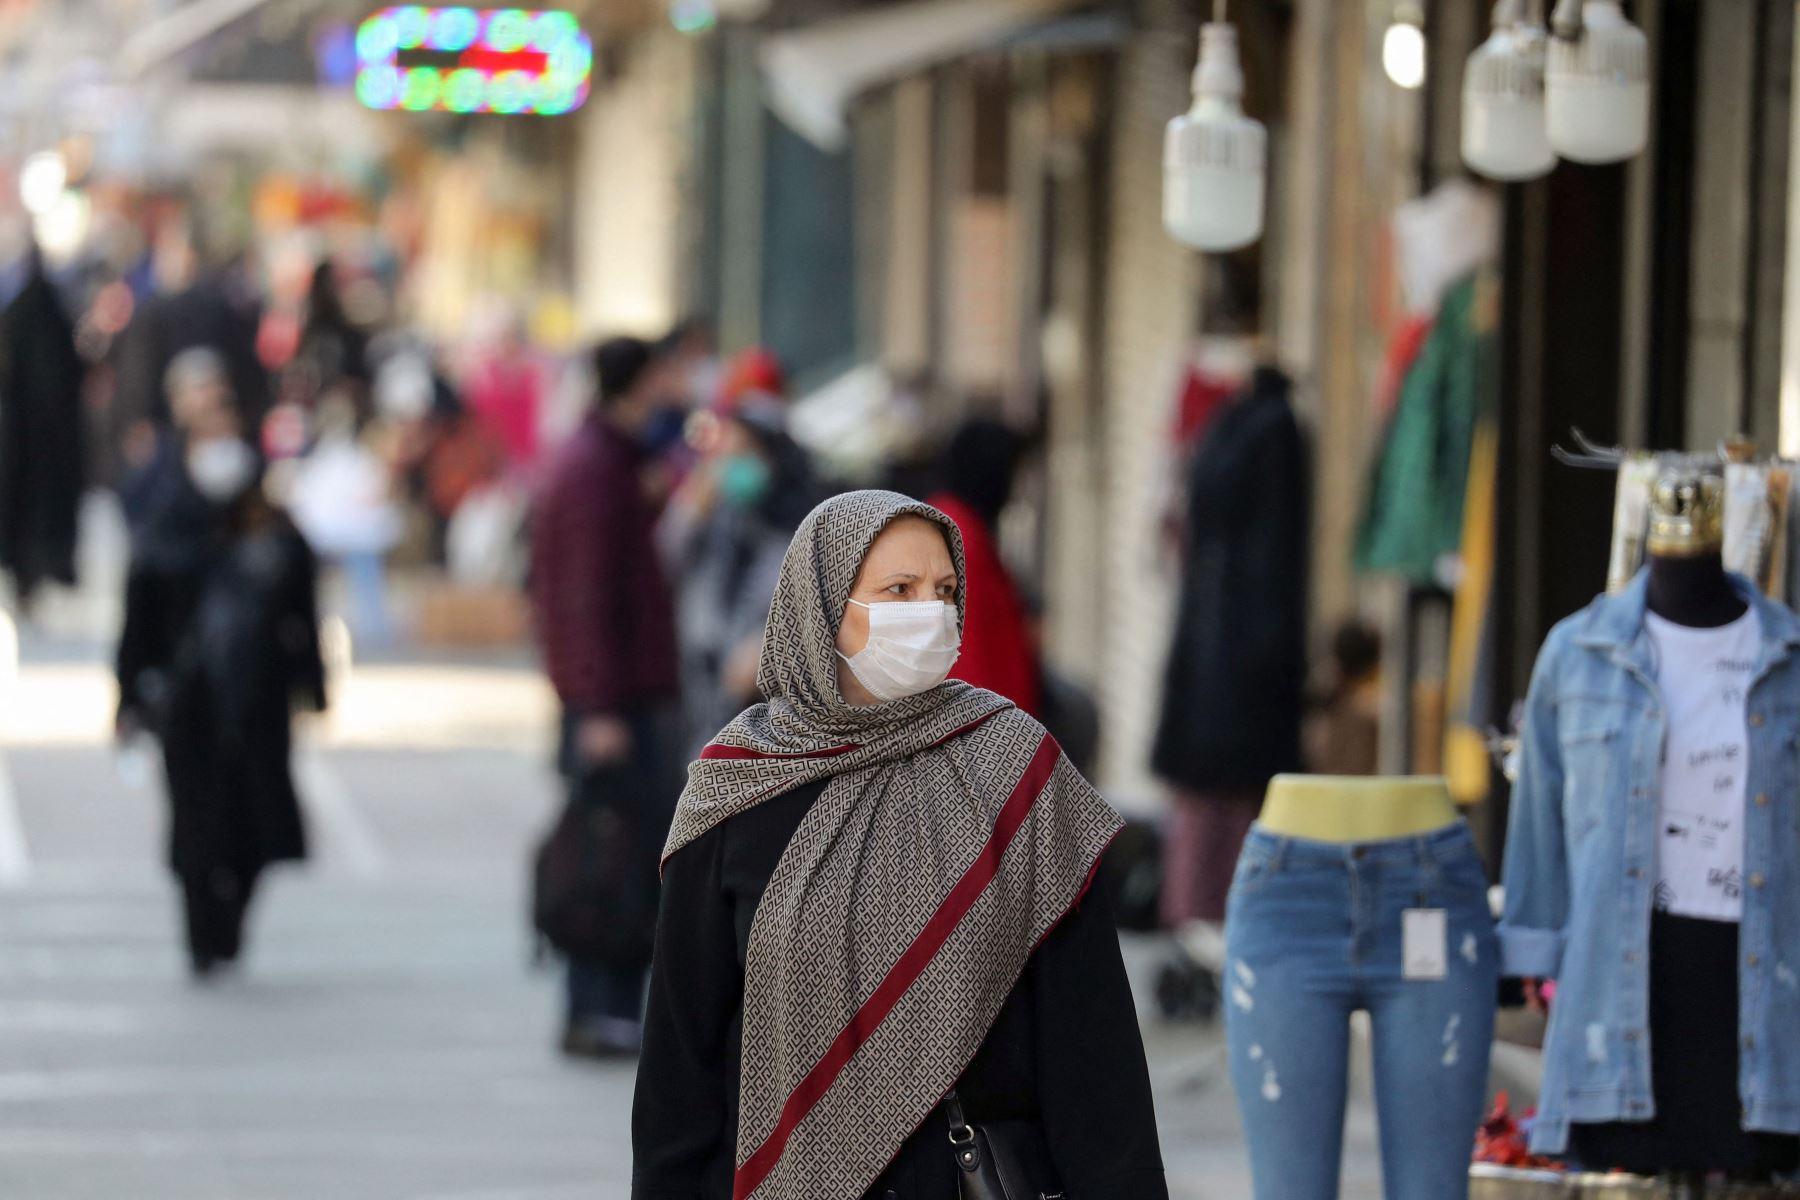 Los iraníes caminan con máscaras faciales por las calles de la capital, Teherán, en medio de la pandemia del coronavirus. Foto: AFP